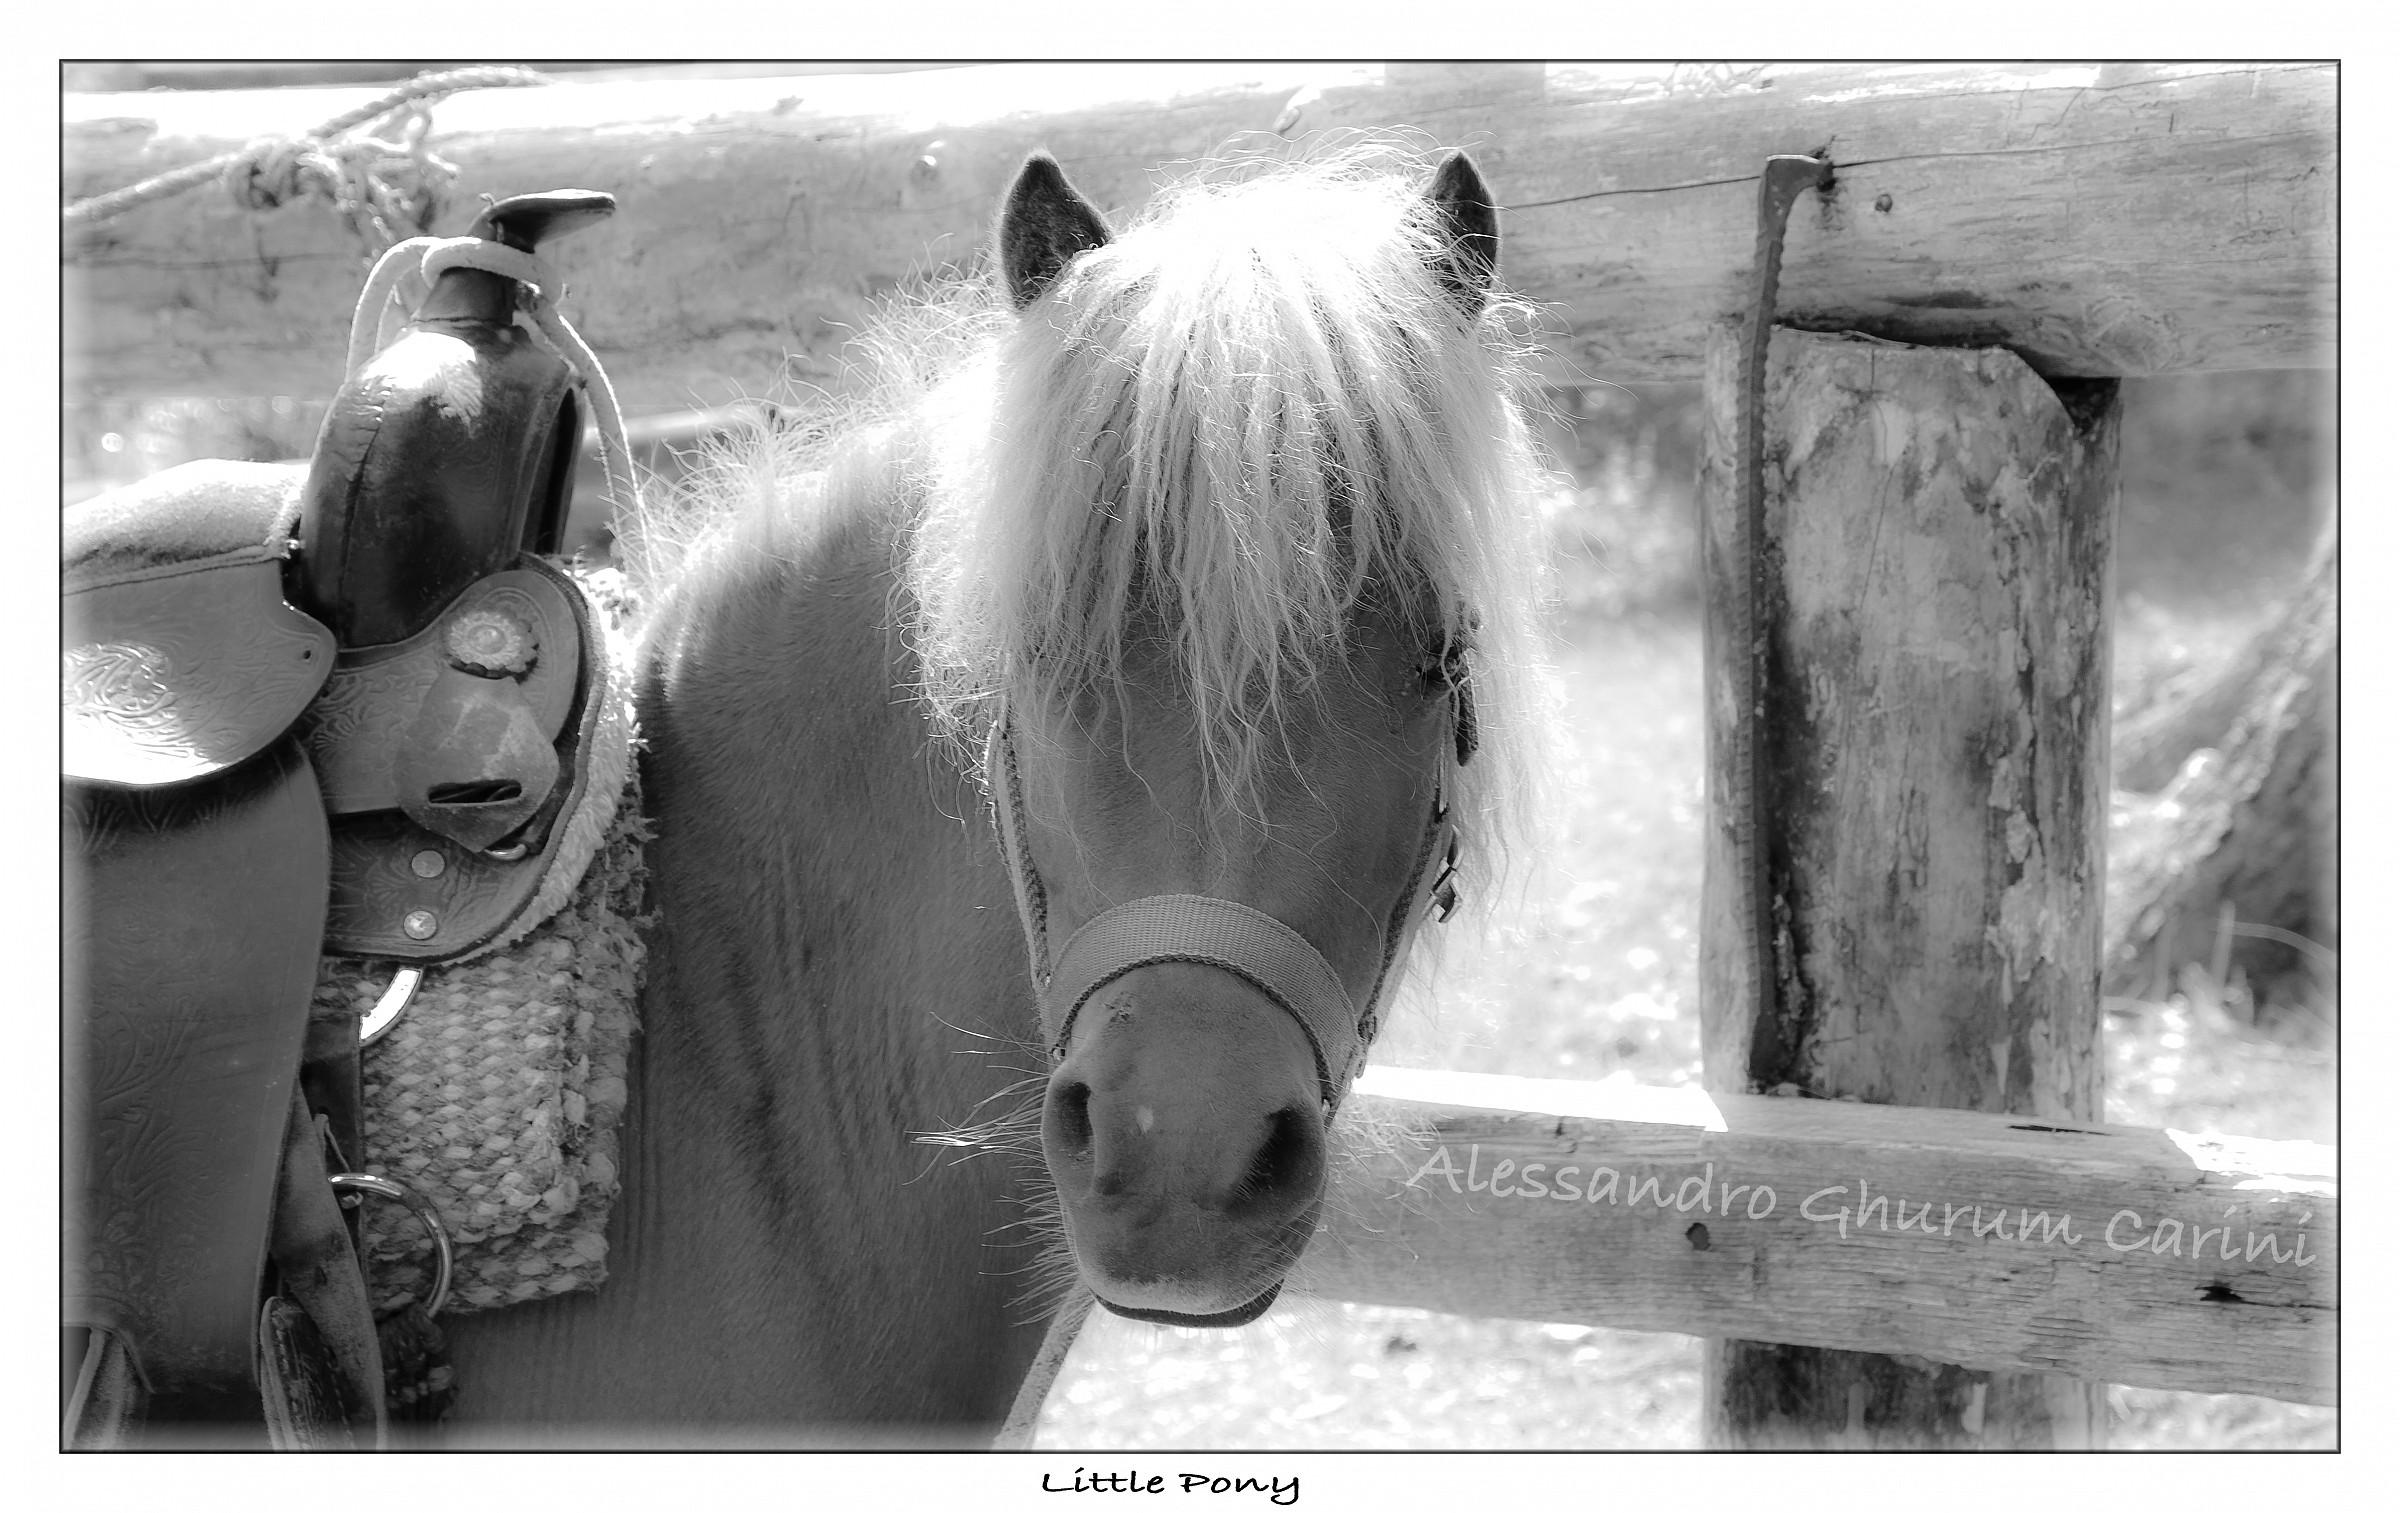 Little pony...